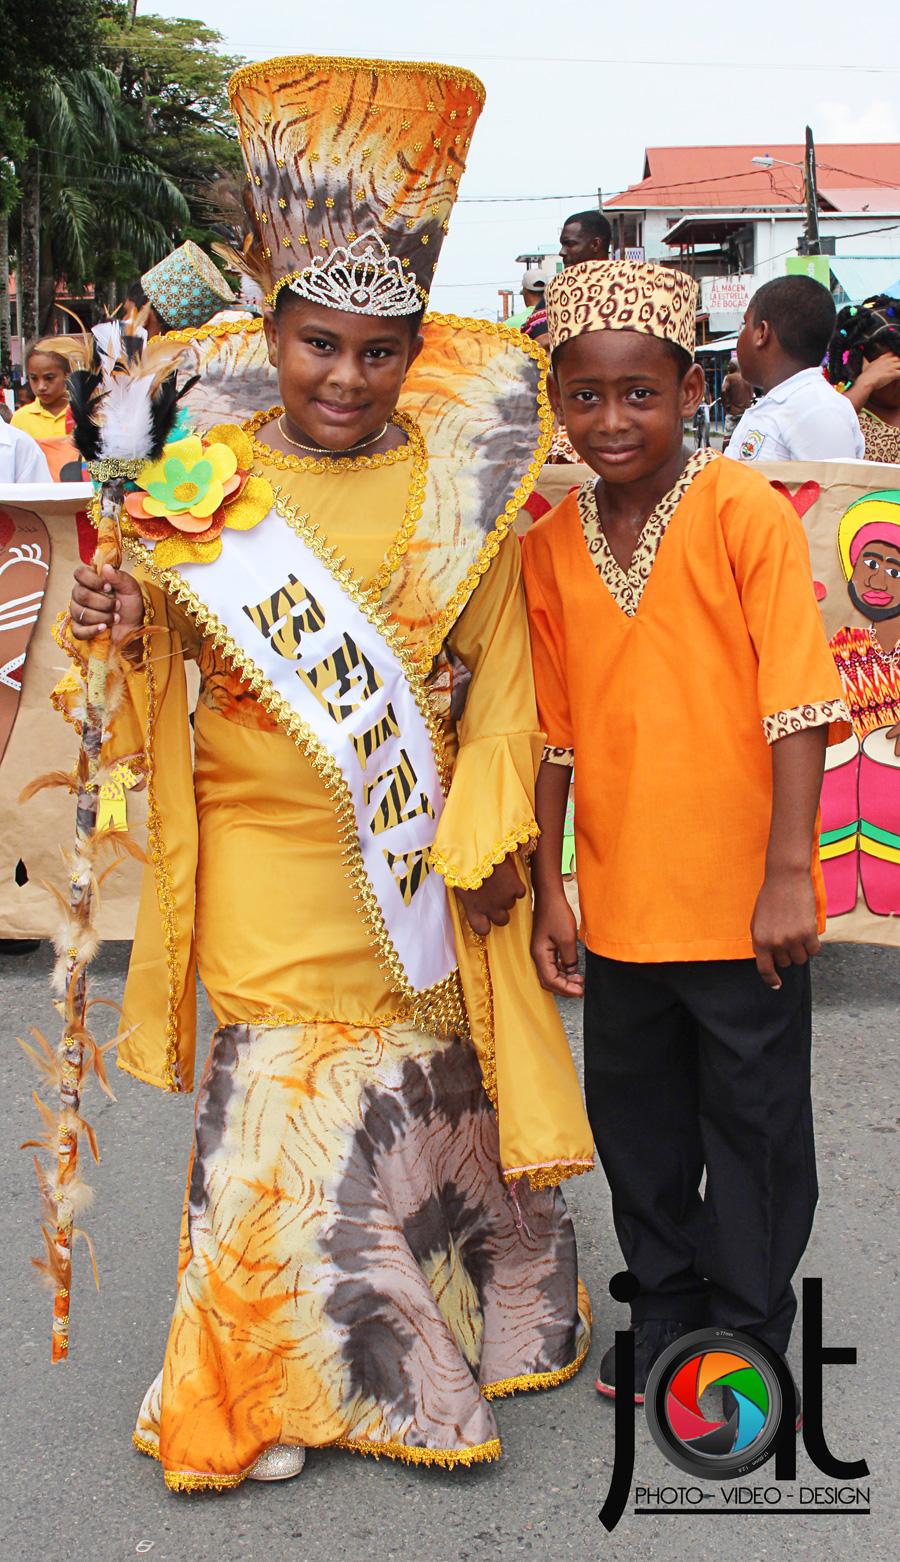 Mes-de-la-Etnia-Negra-Bocas-del-Toro-Panama-2016-1